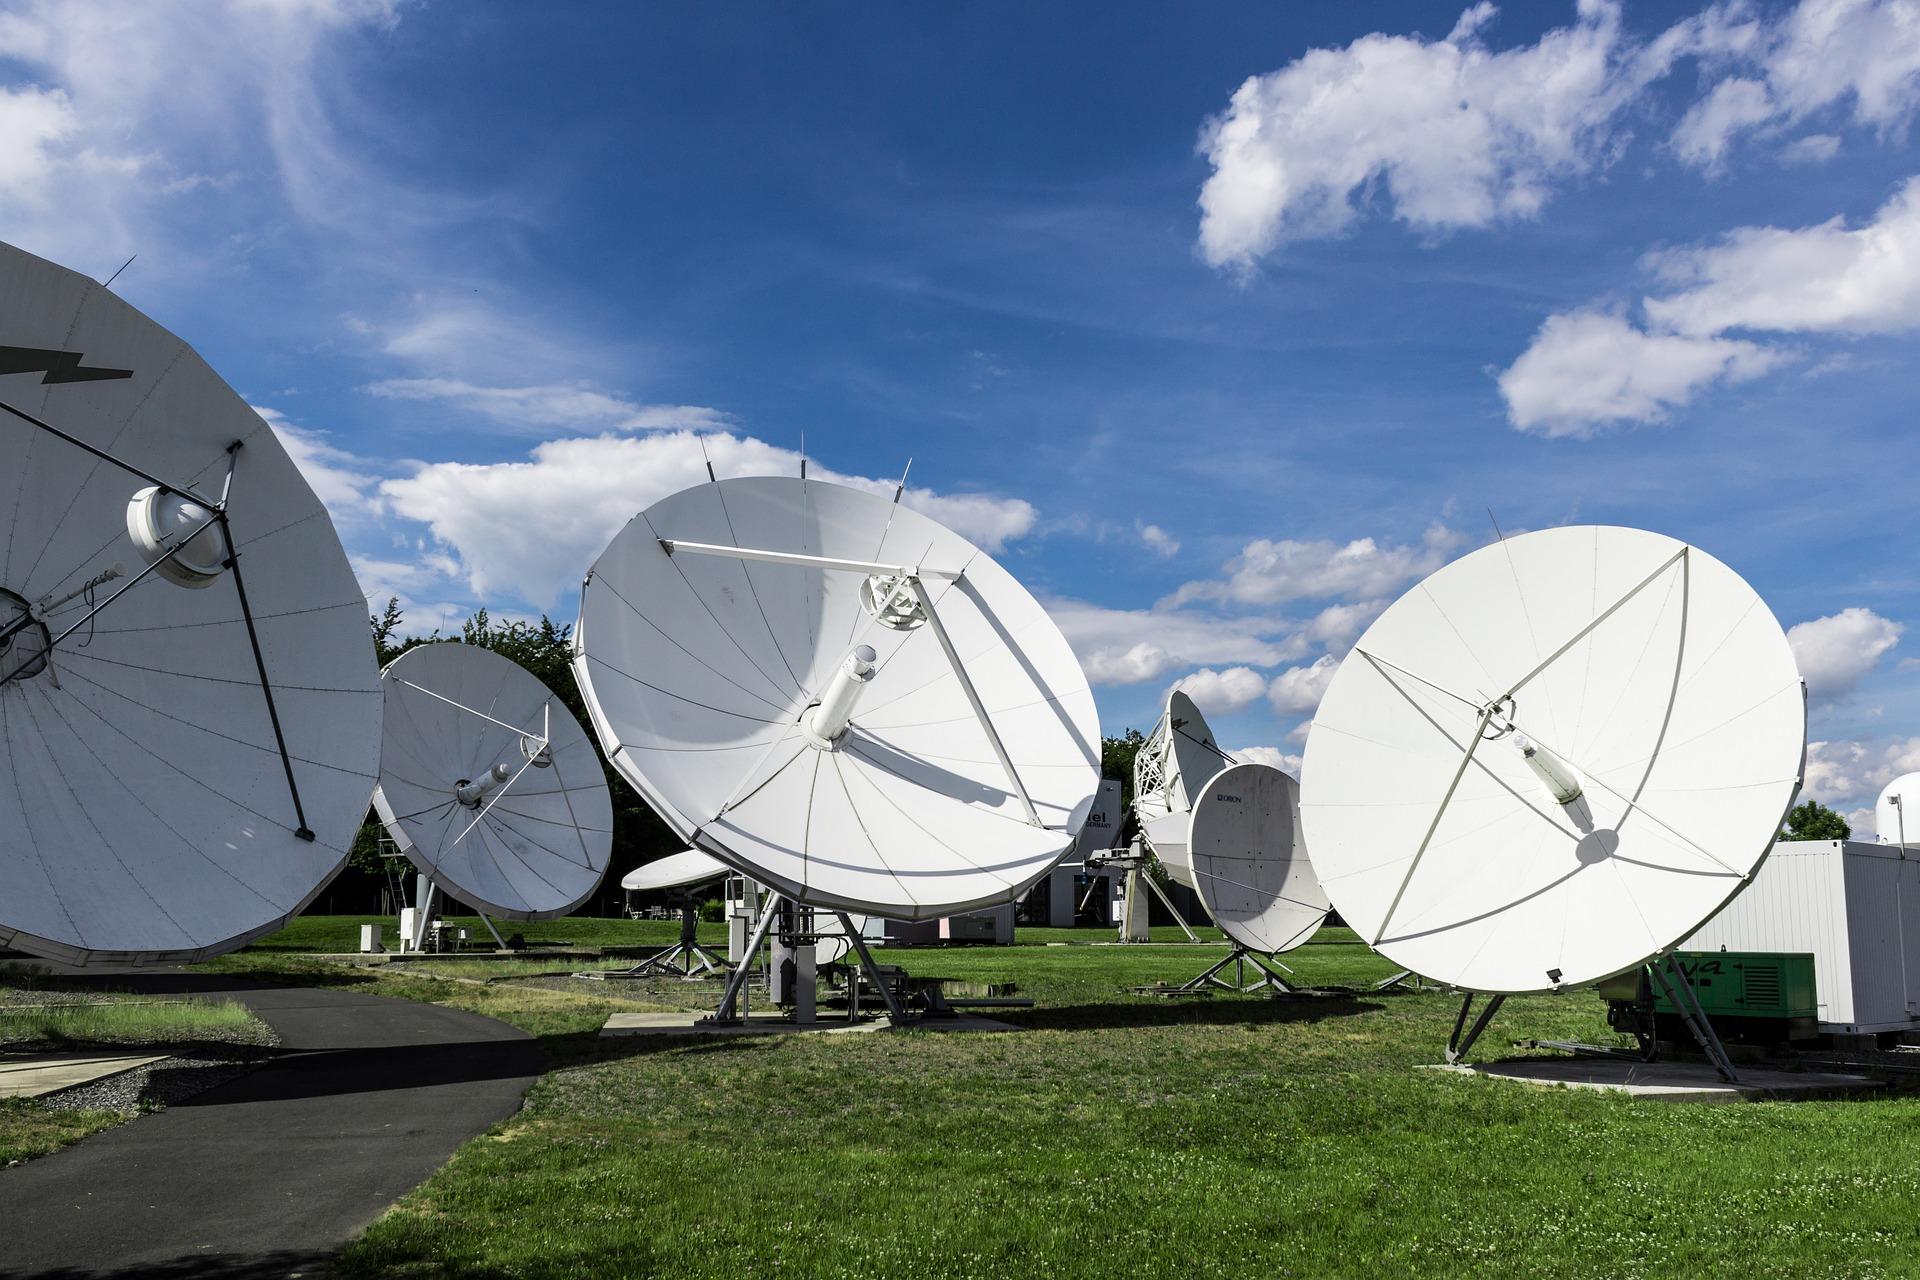 satellite-2528833_1920